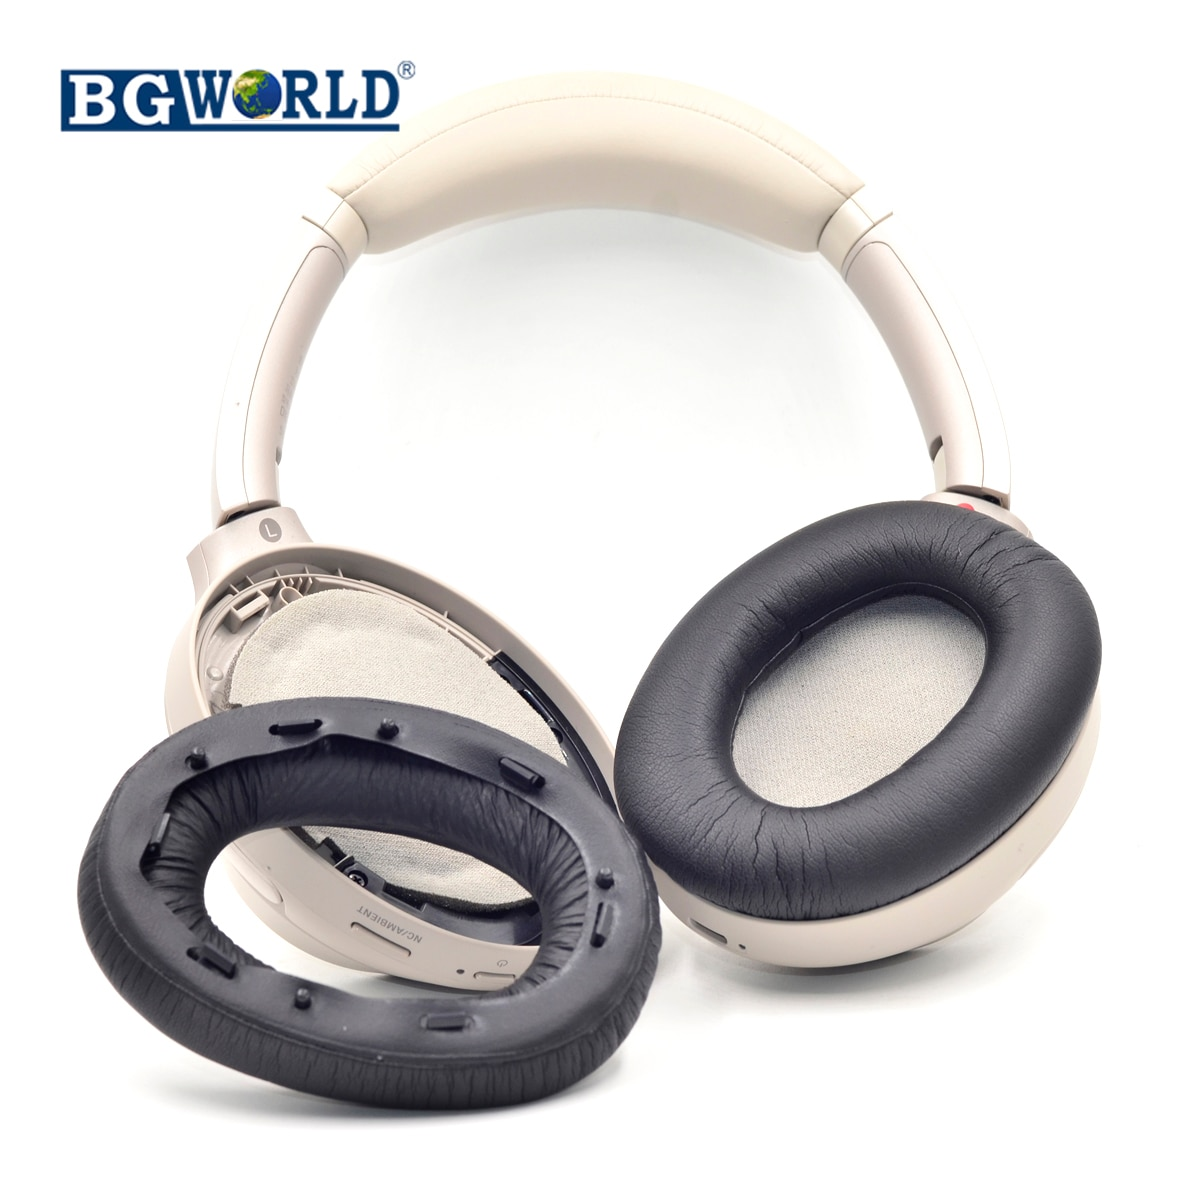 BGWORLD Proteína de cuero y espuma de memoria WH1000X M3 almohadillas de oreja para Sony WH1000X M3 Wireless auriculares inalámbricos